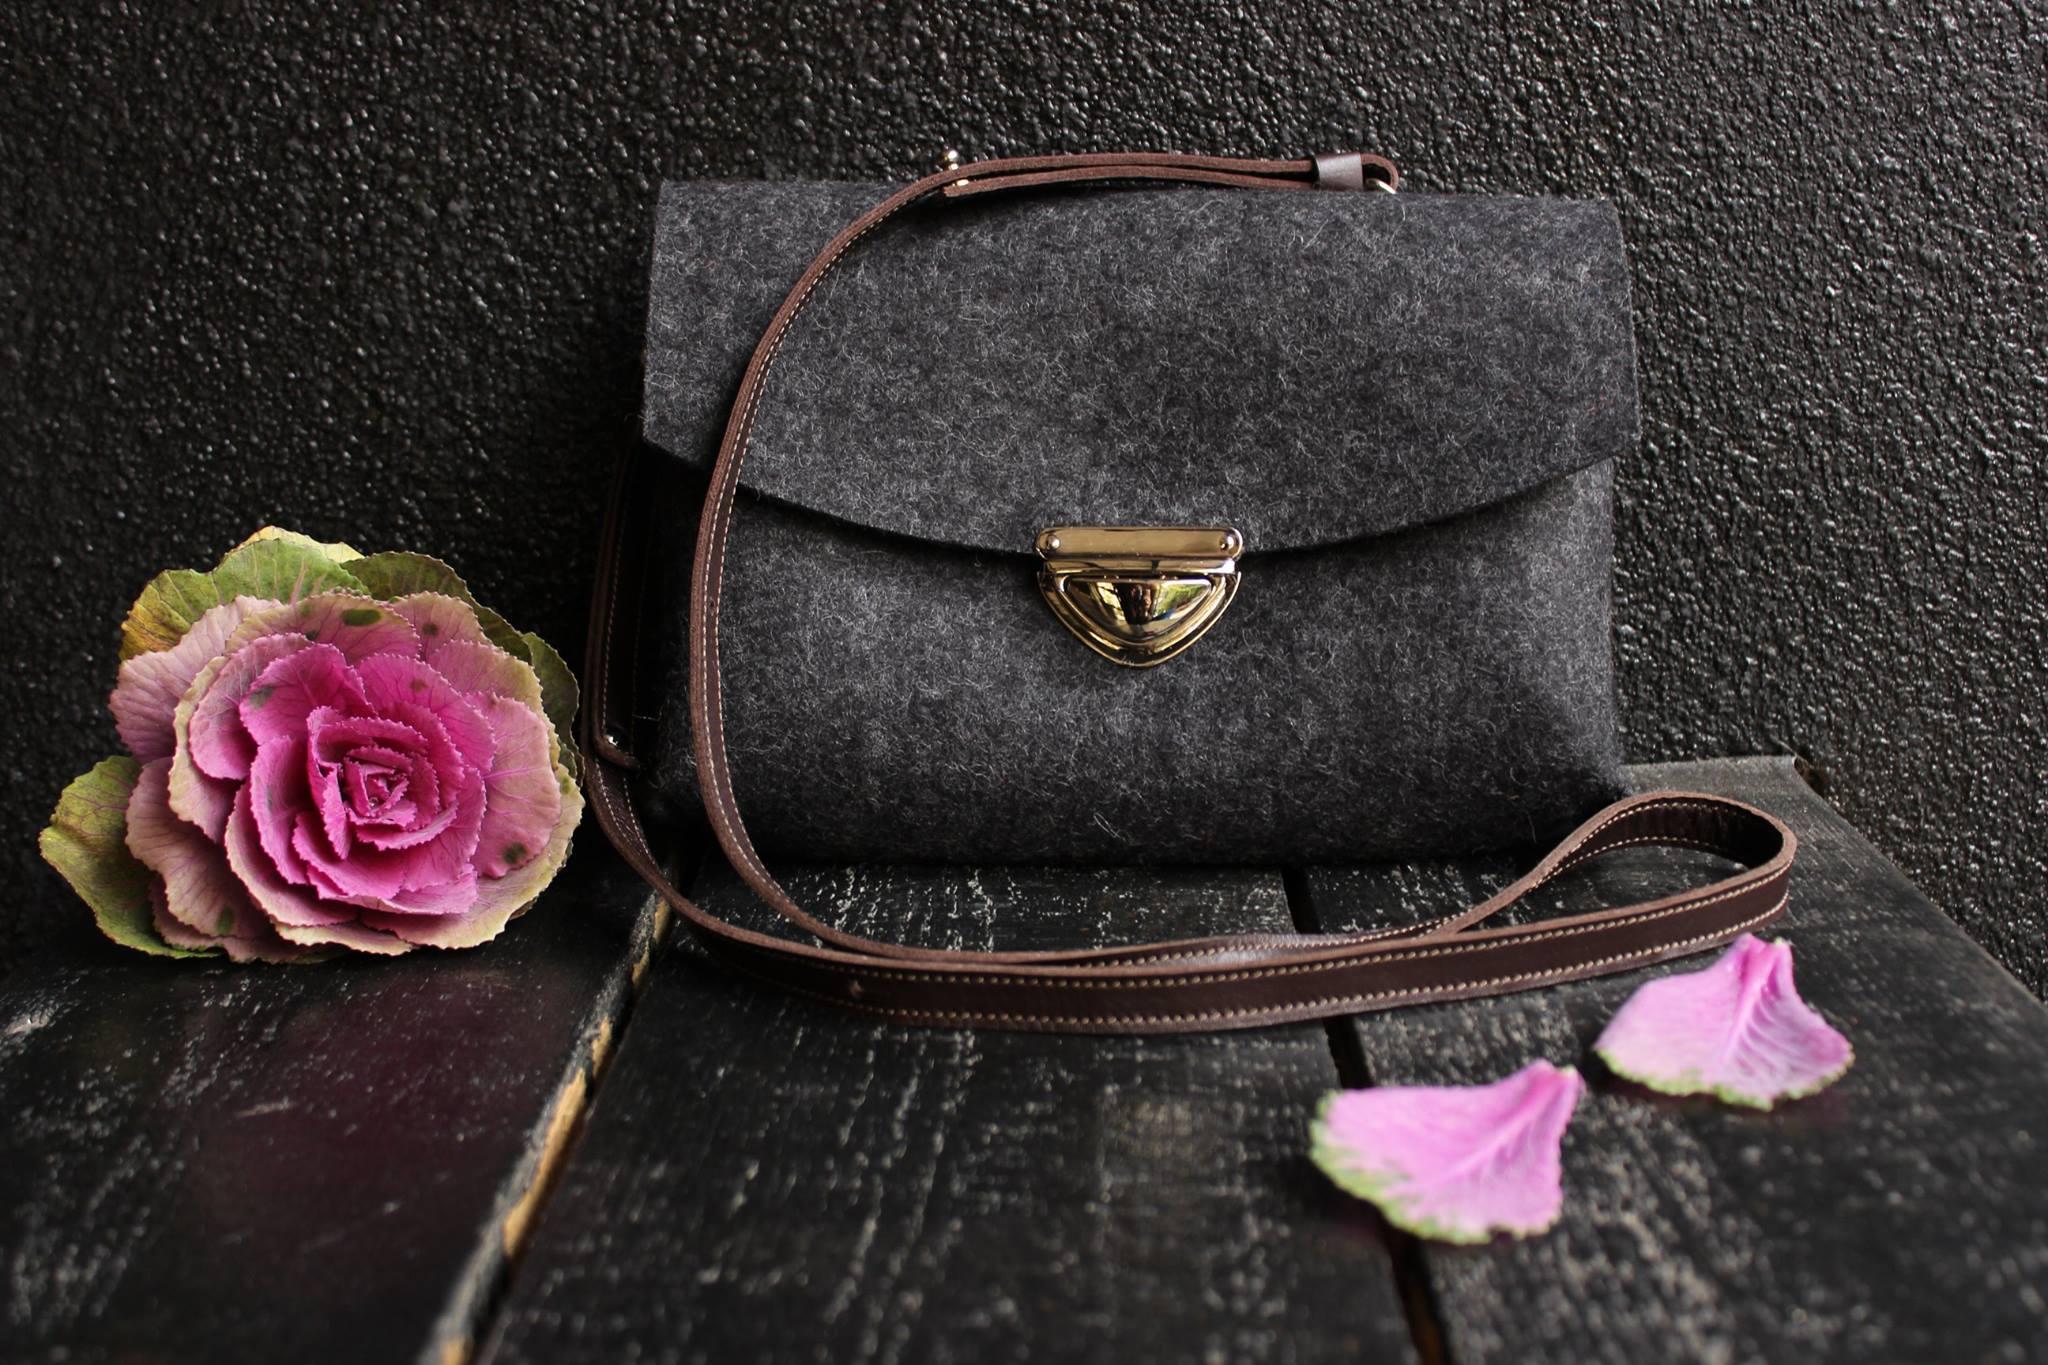 285ac9a08e49 Маленькие сумки через плечо также смотрятся интересно и привлекательно,  если их дополнить разноцветной кожей. Они идеально подойдут для  повседневных ...